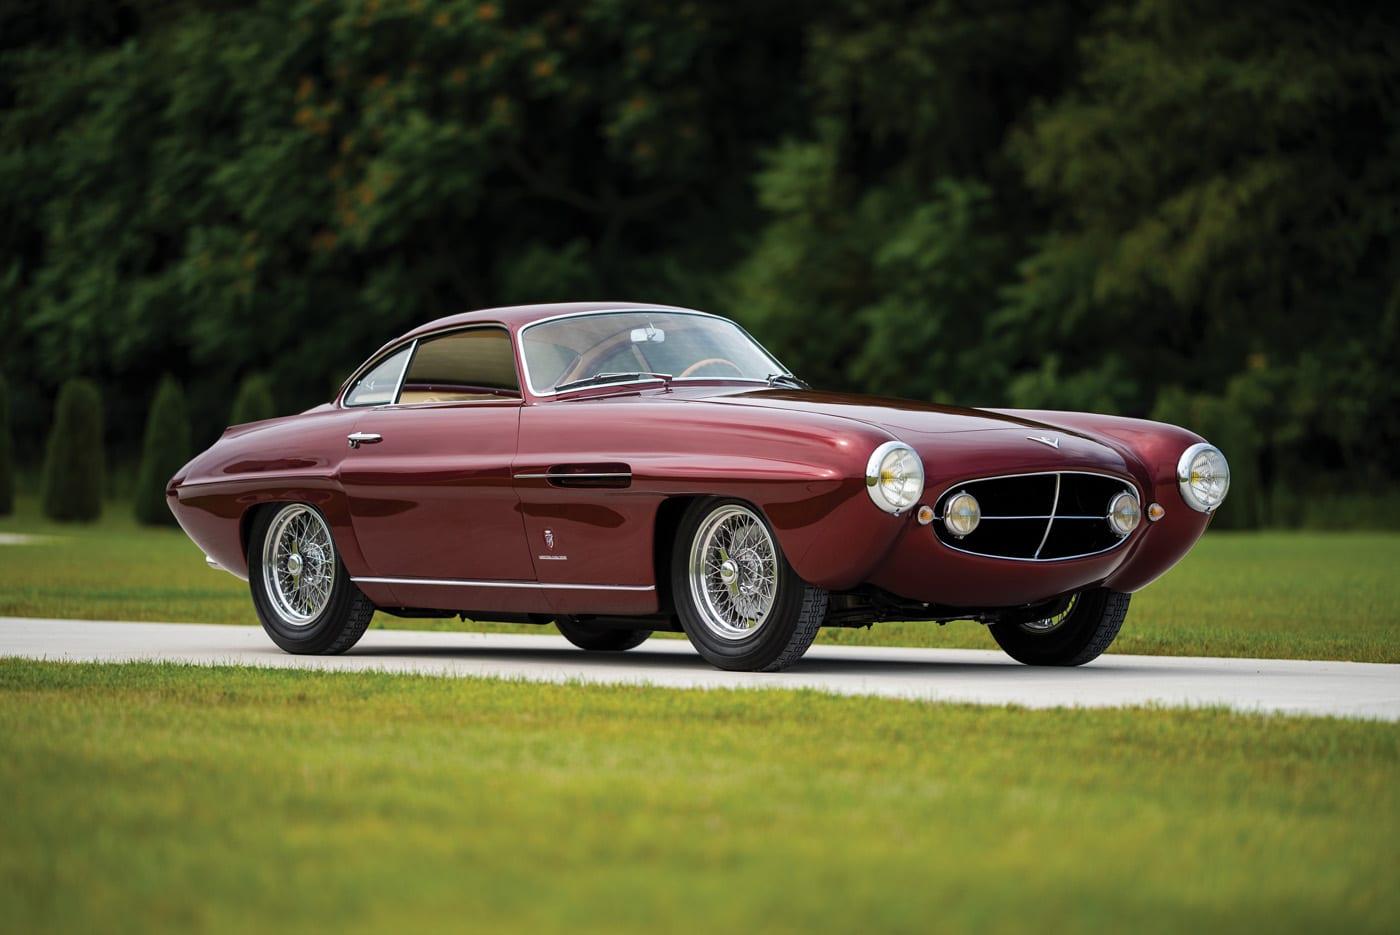 23 октября пройдёт аукцион RM Sotheby's, в ходе которого нового владельца будет искать редчайший 67-летний Fiat 8V. Купе, представленное в Женеве в 1952-м, было названо «главным сюрпризом года»: спортивное авто с восьмицилиндровым двигателем серьёзно отличалось от массовых моделей марки.